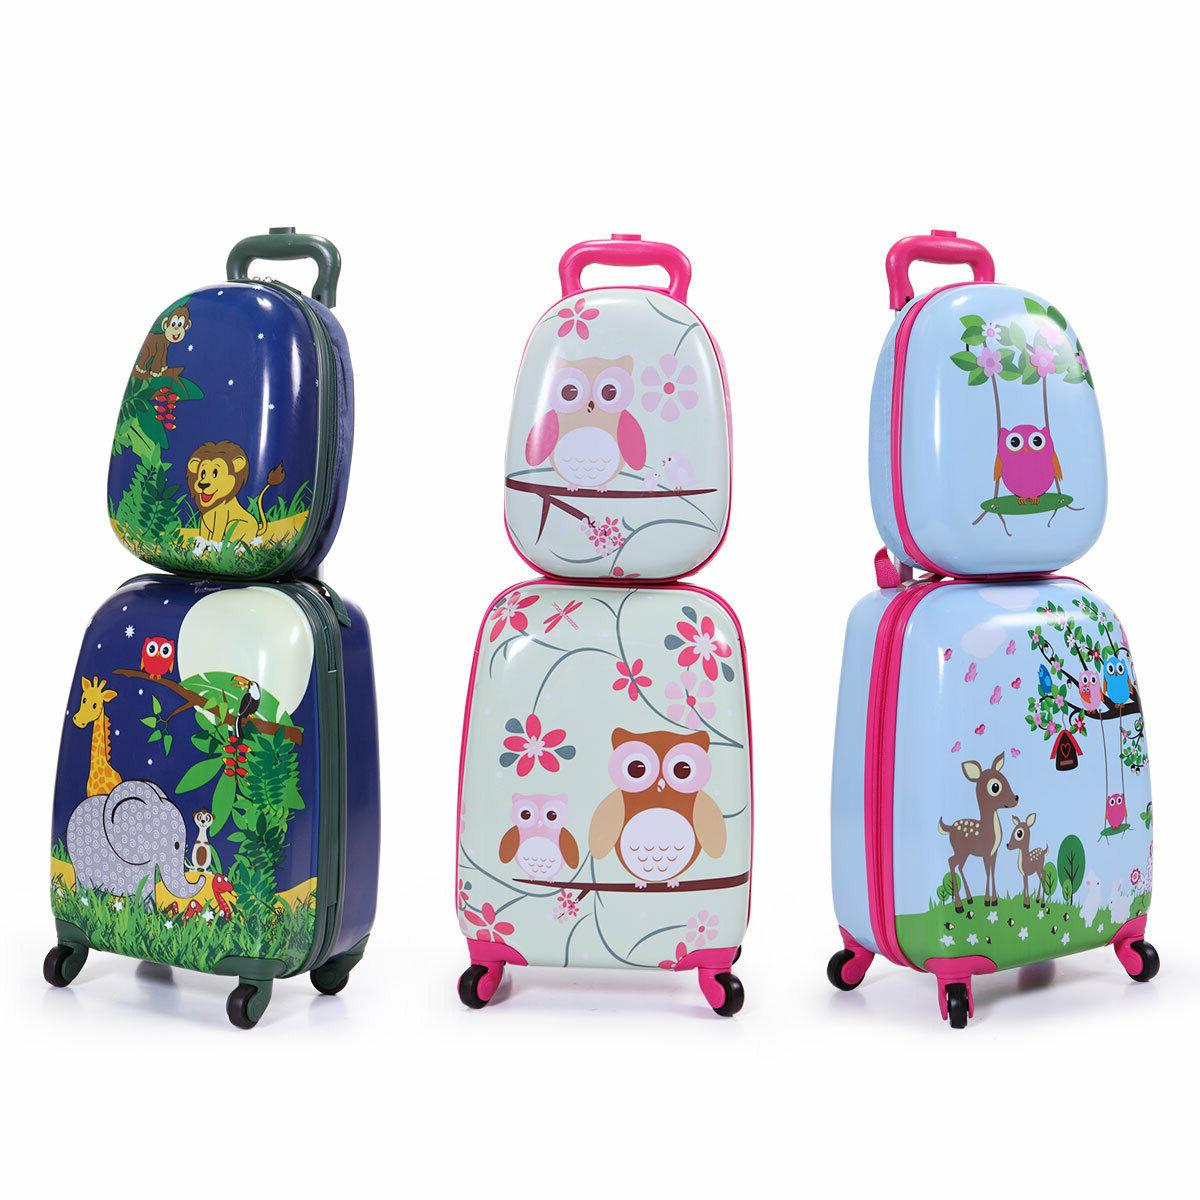 kids luggage set children travel cabin trolley